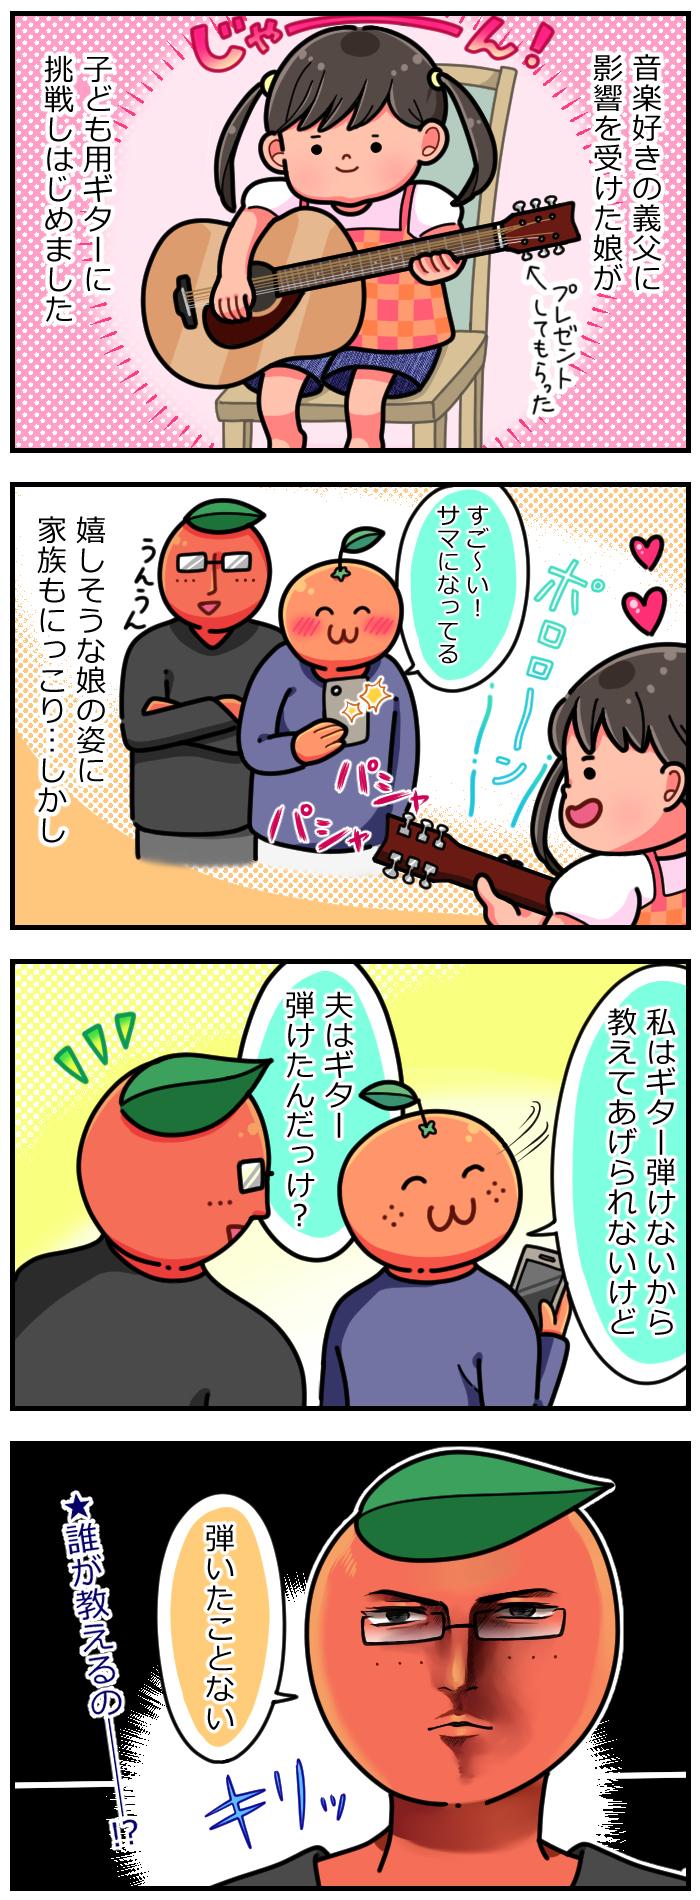 娘がギターに初挑戦!家族で音楽の秋を満喫…の、はずだったけど?!(笑)の画像1